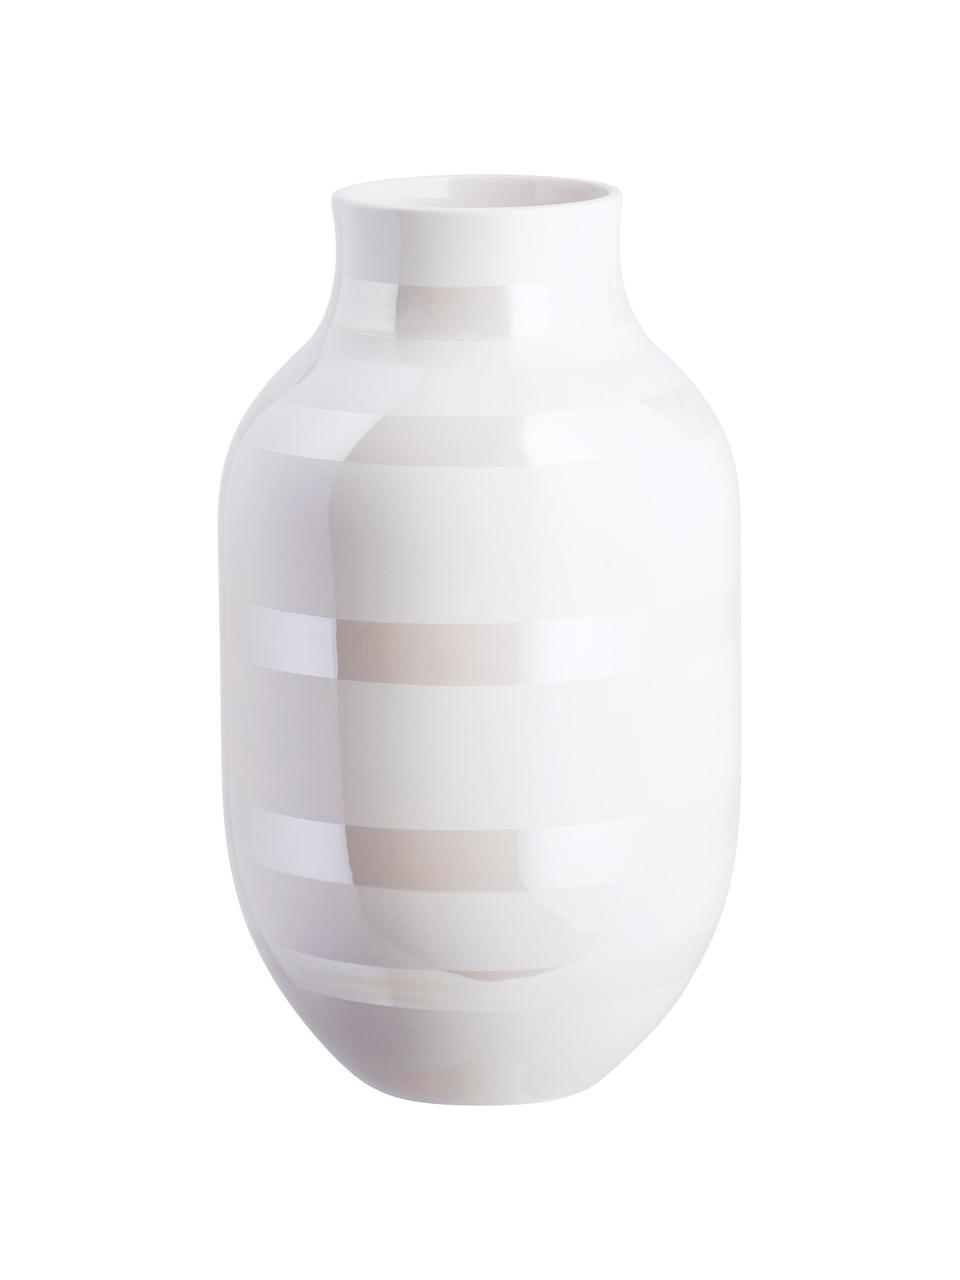 Grote handgemaakte design vaas Omaggio, Keramiek, Wit, parelmoerkleurig, Ø 20 x H 31 cm